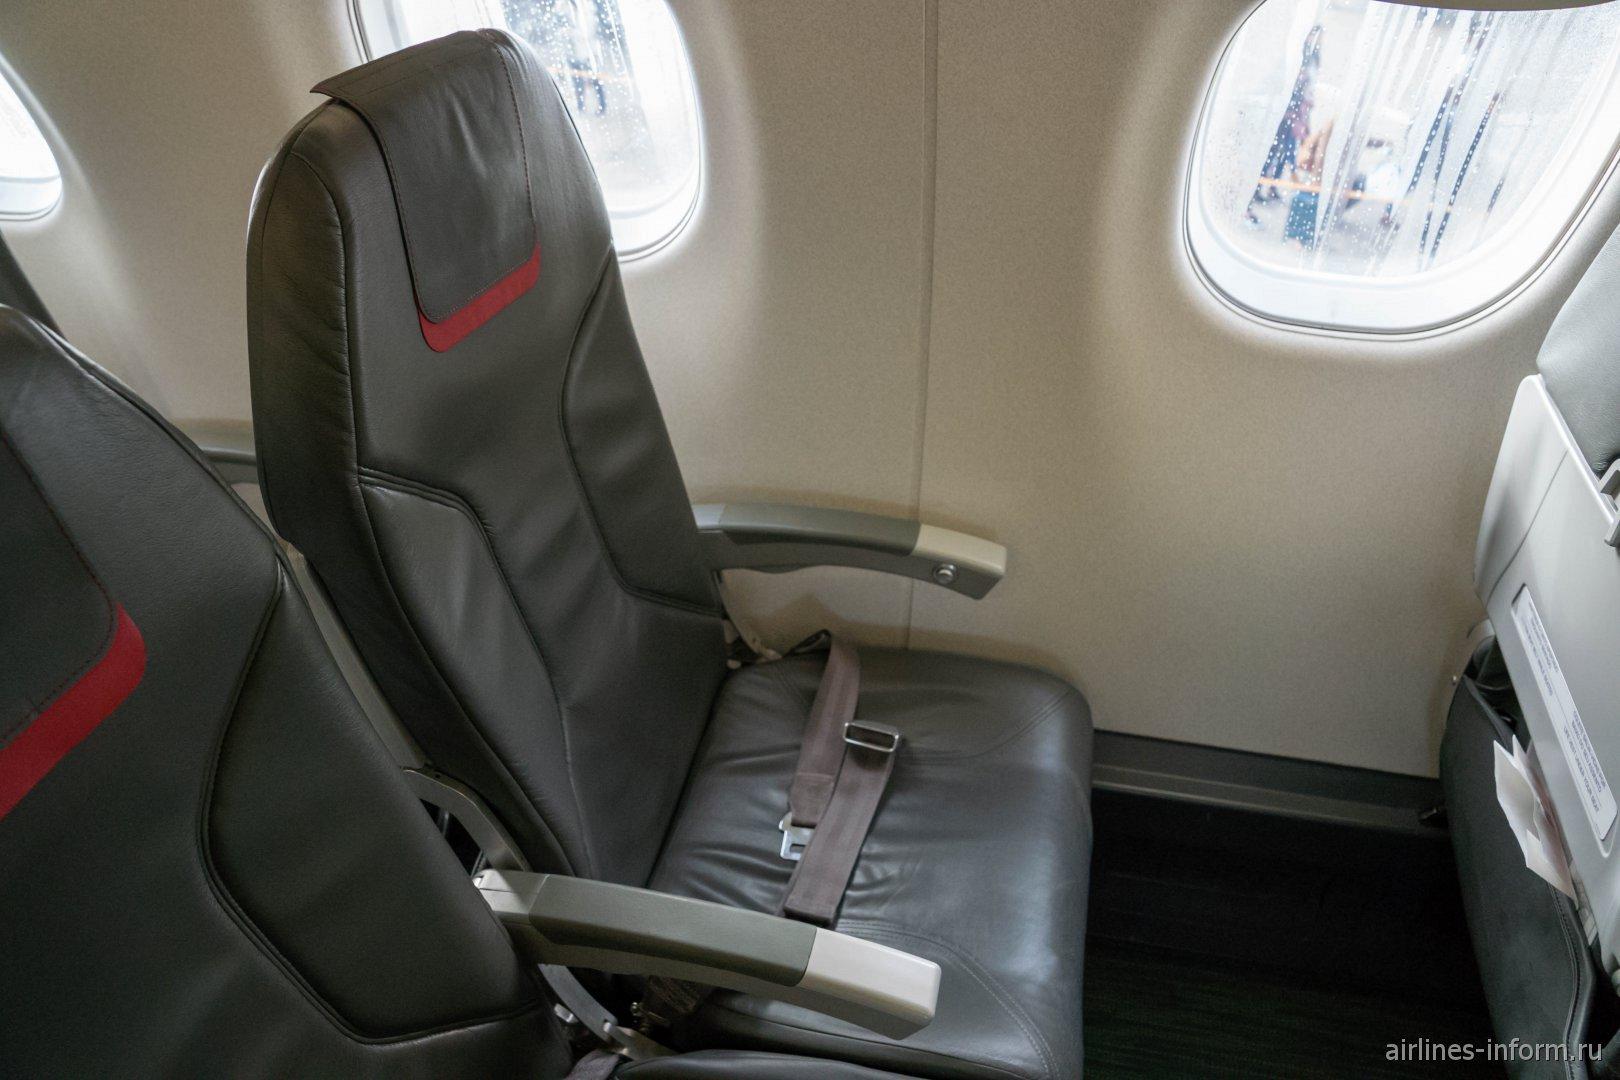 Пассажирское кресло в самолете Embraer 190 авиакомпании TAP Express